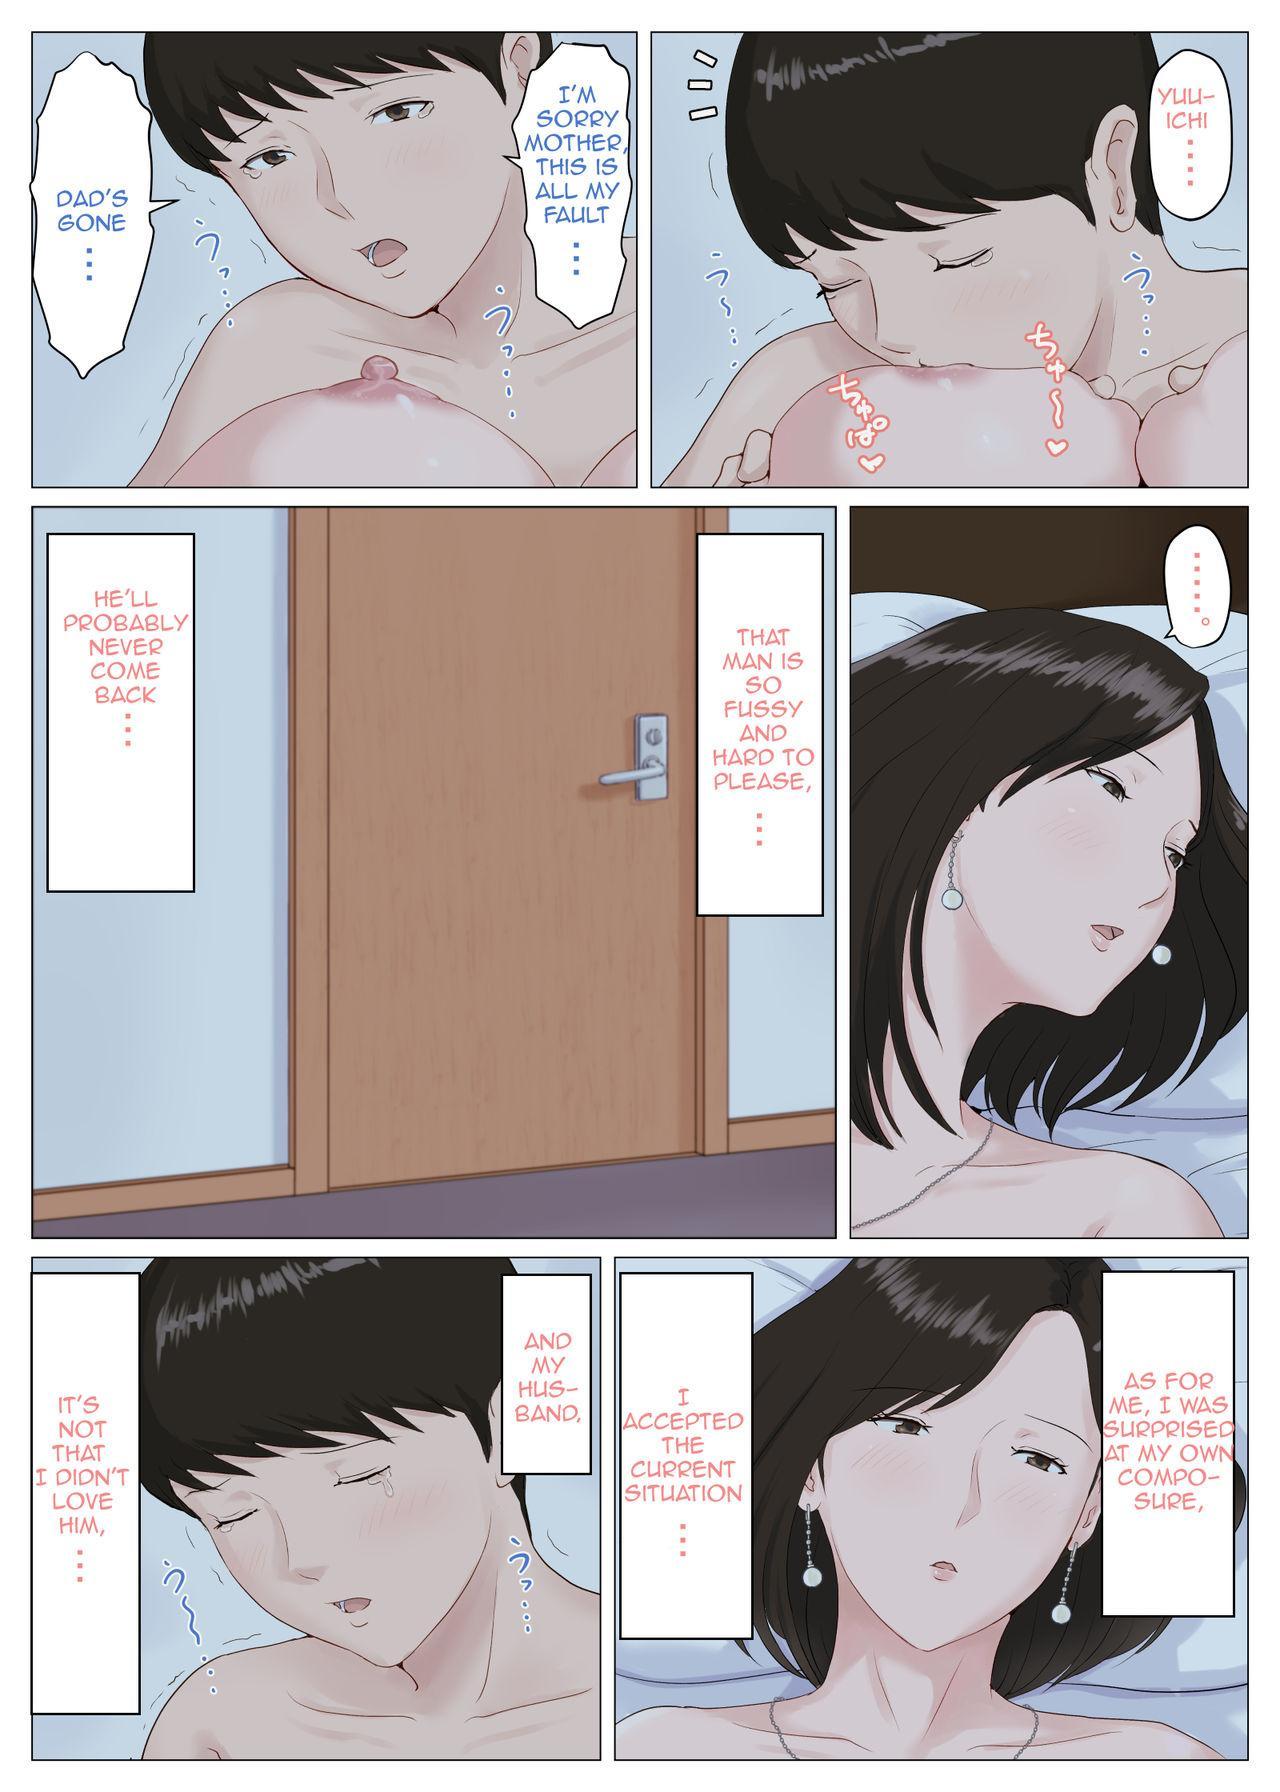 [Horsetail] Kaa-san Janakya Dame Nanda!! 5 ~Kanketsuhen Zenpen~| Mother, It Has to Be You ~Conclusion Part 1~[English][Amoskandy] 140